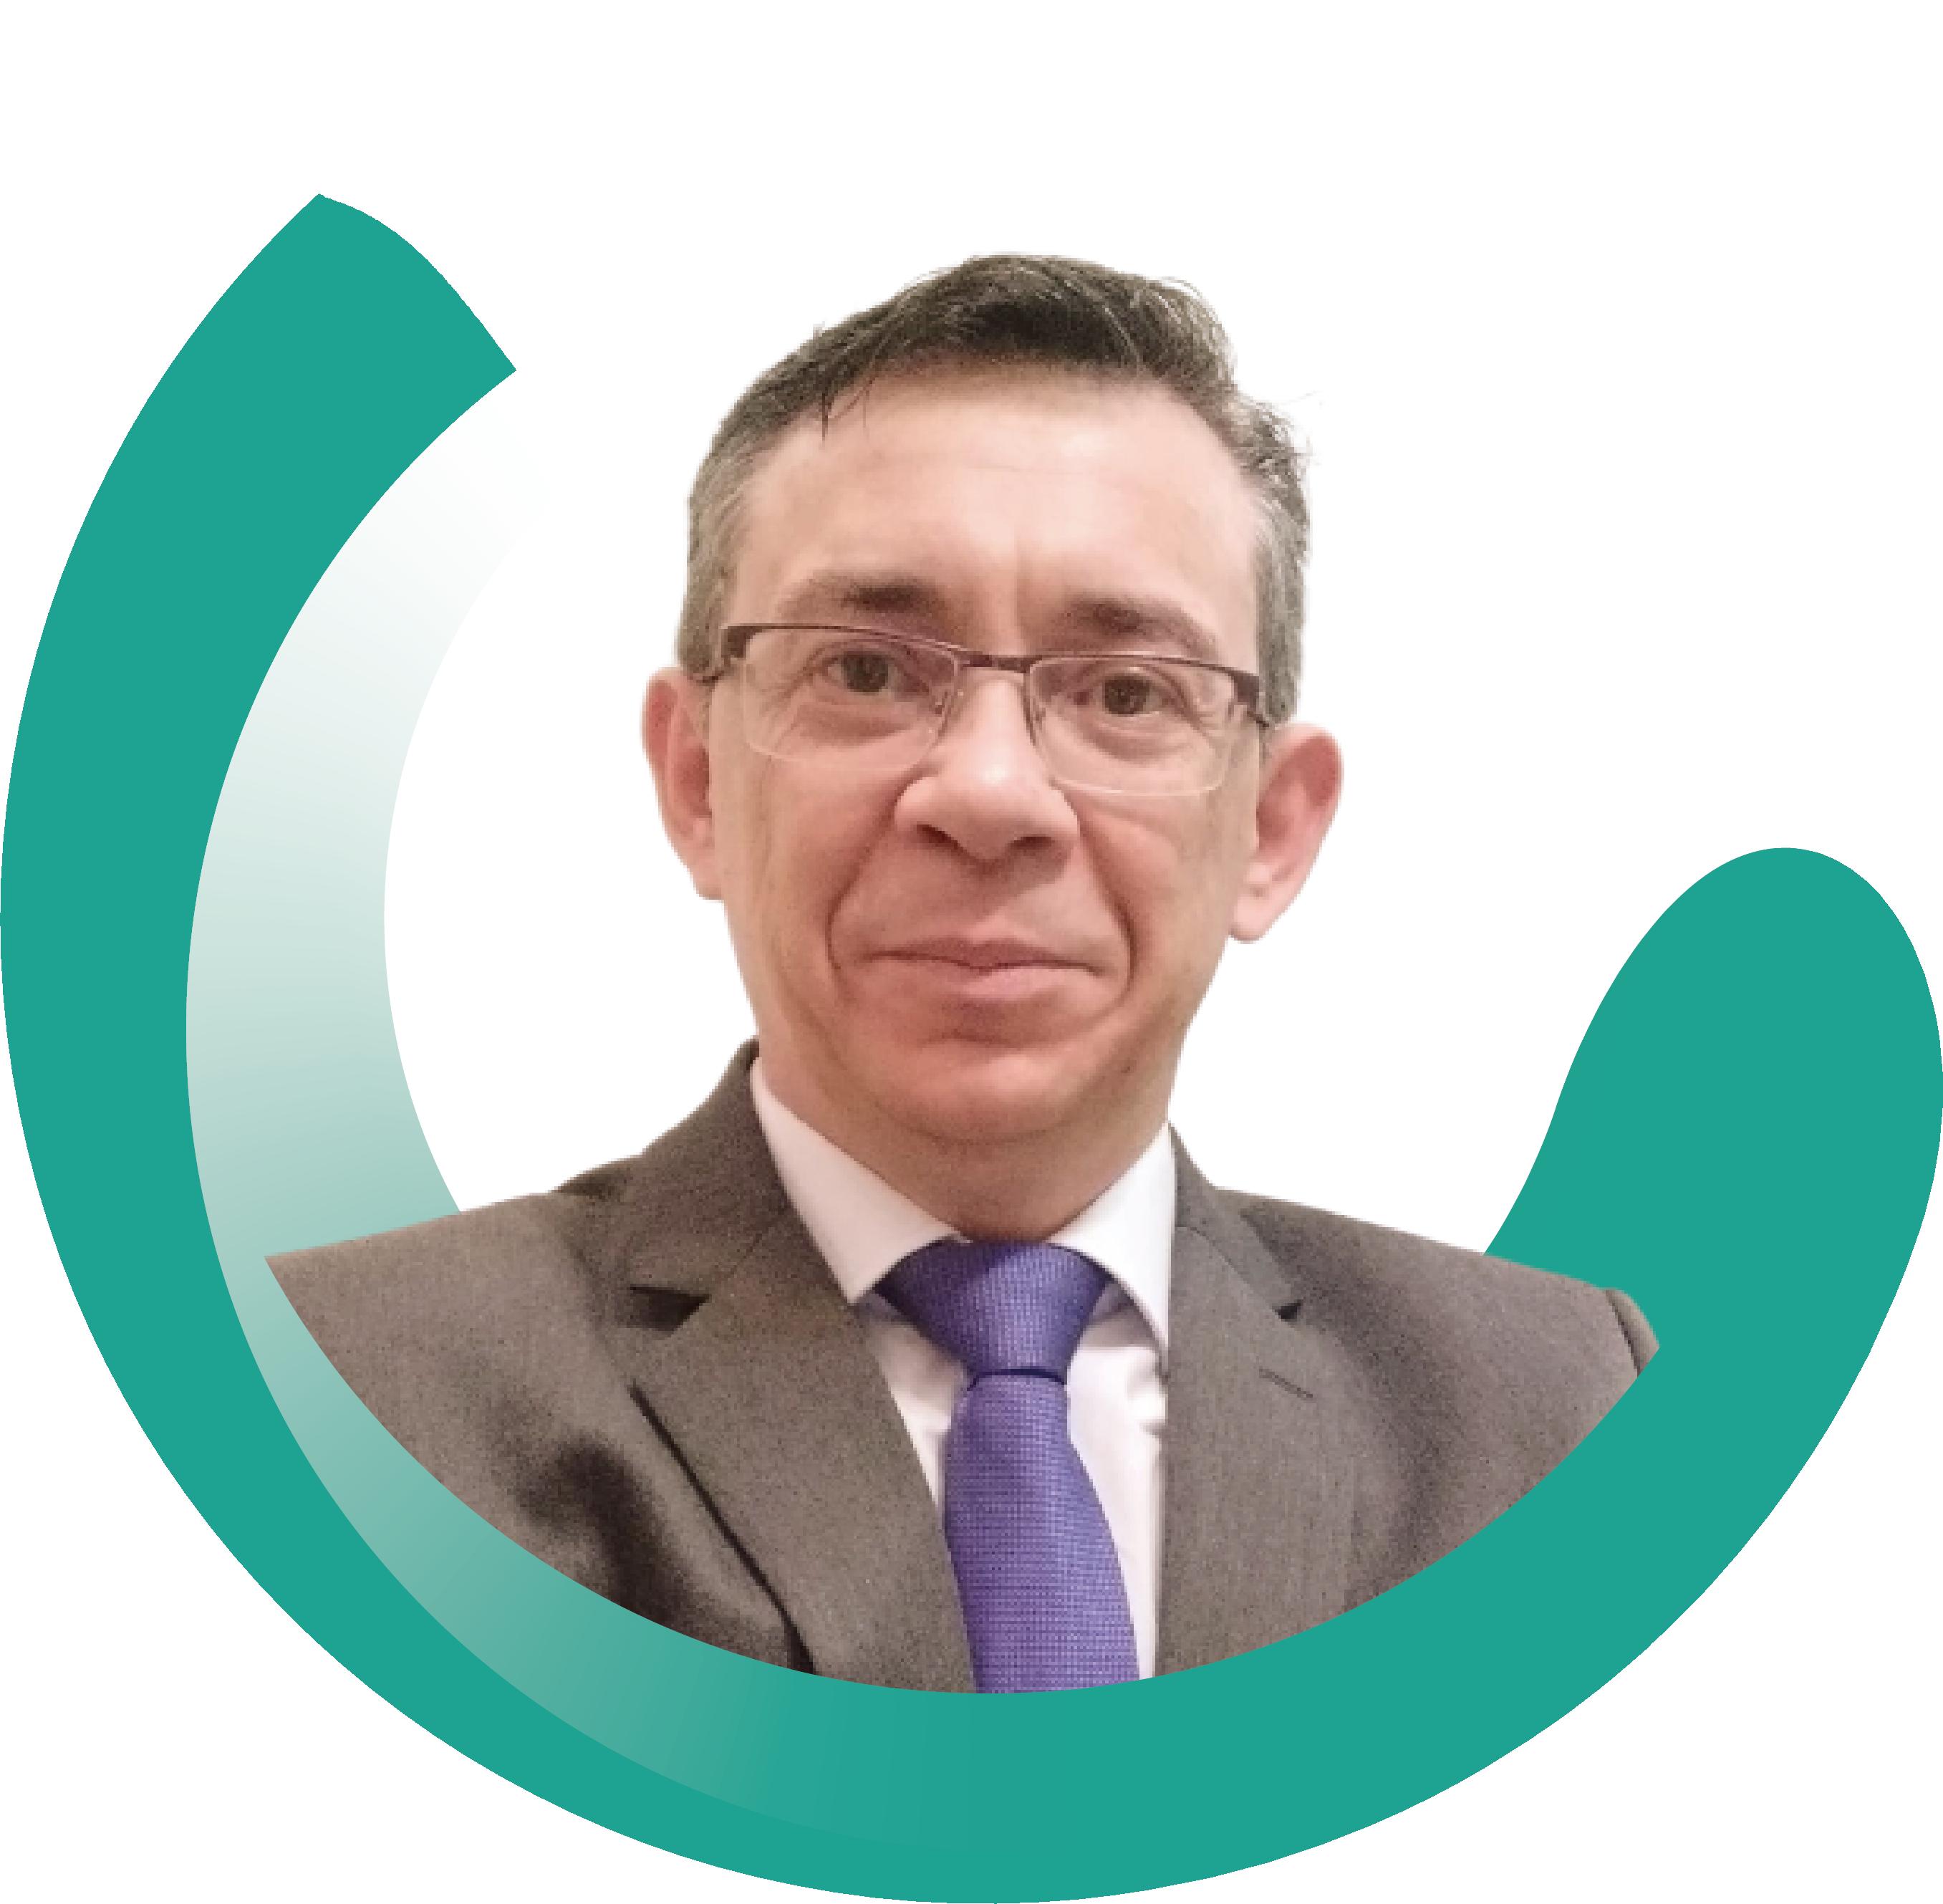 Gleison Pereira de Souza